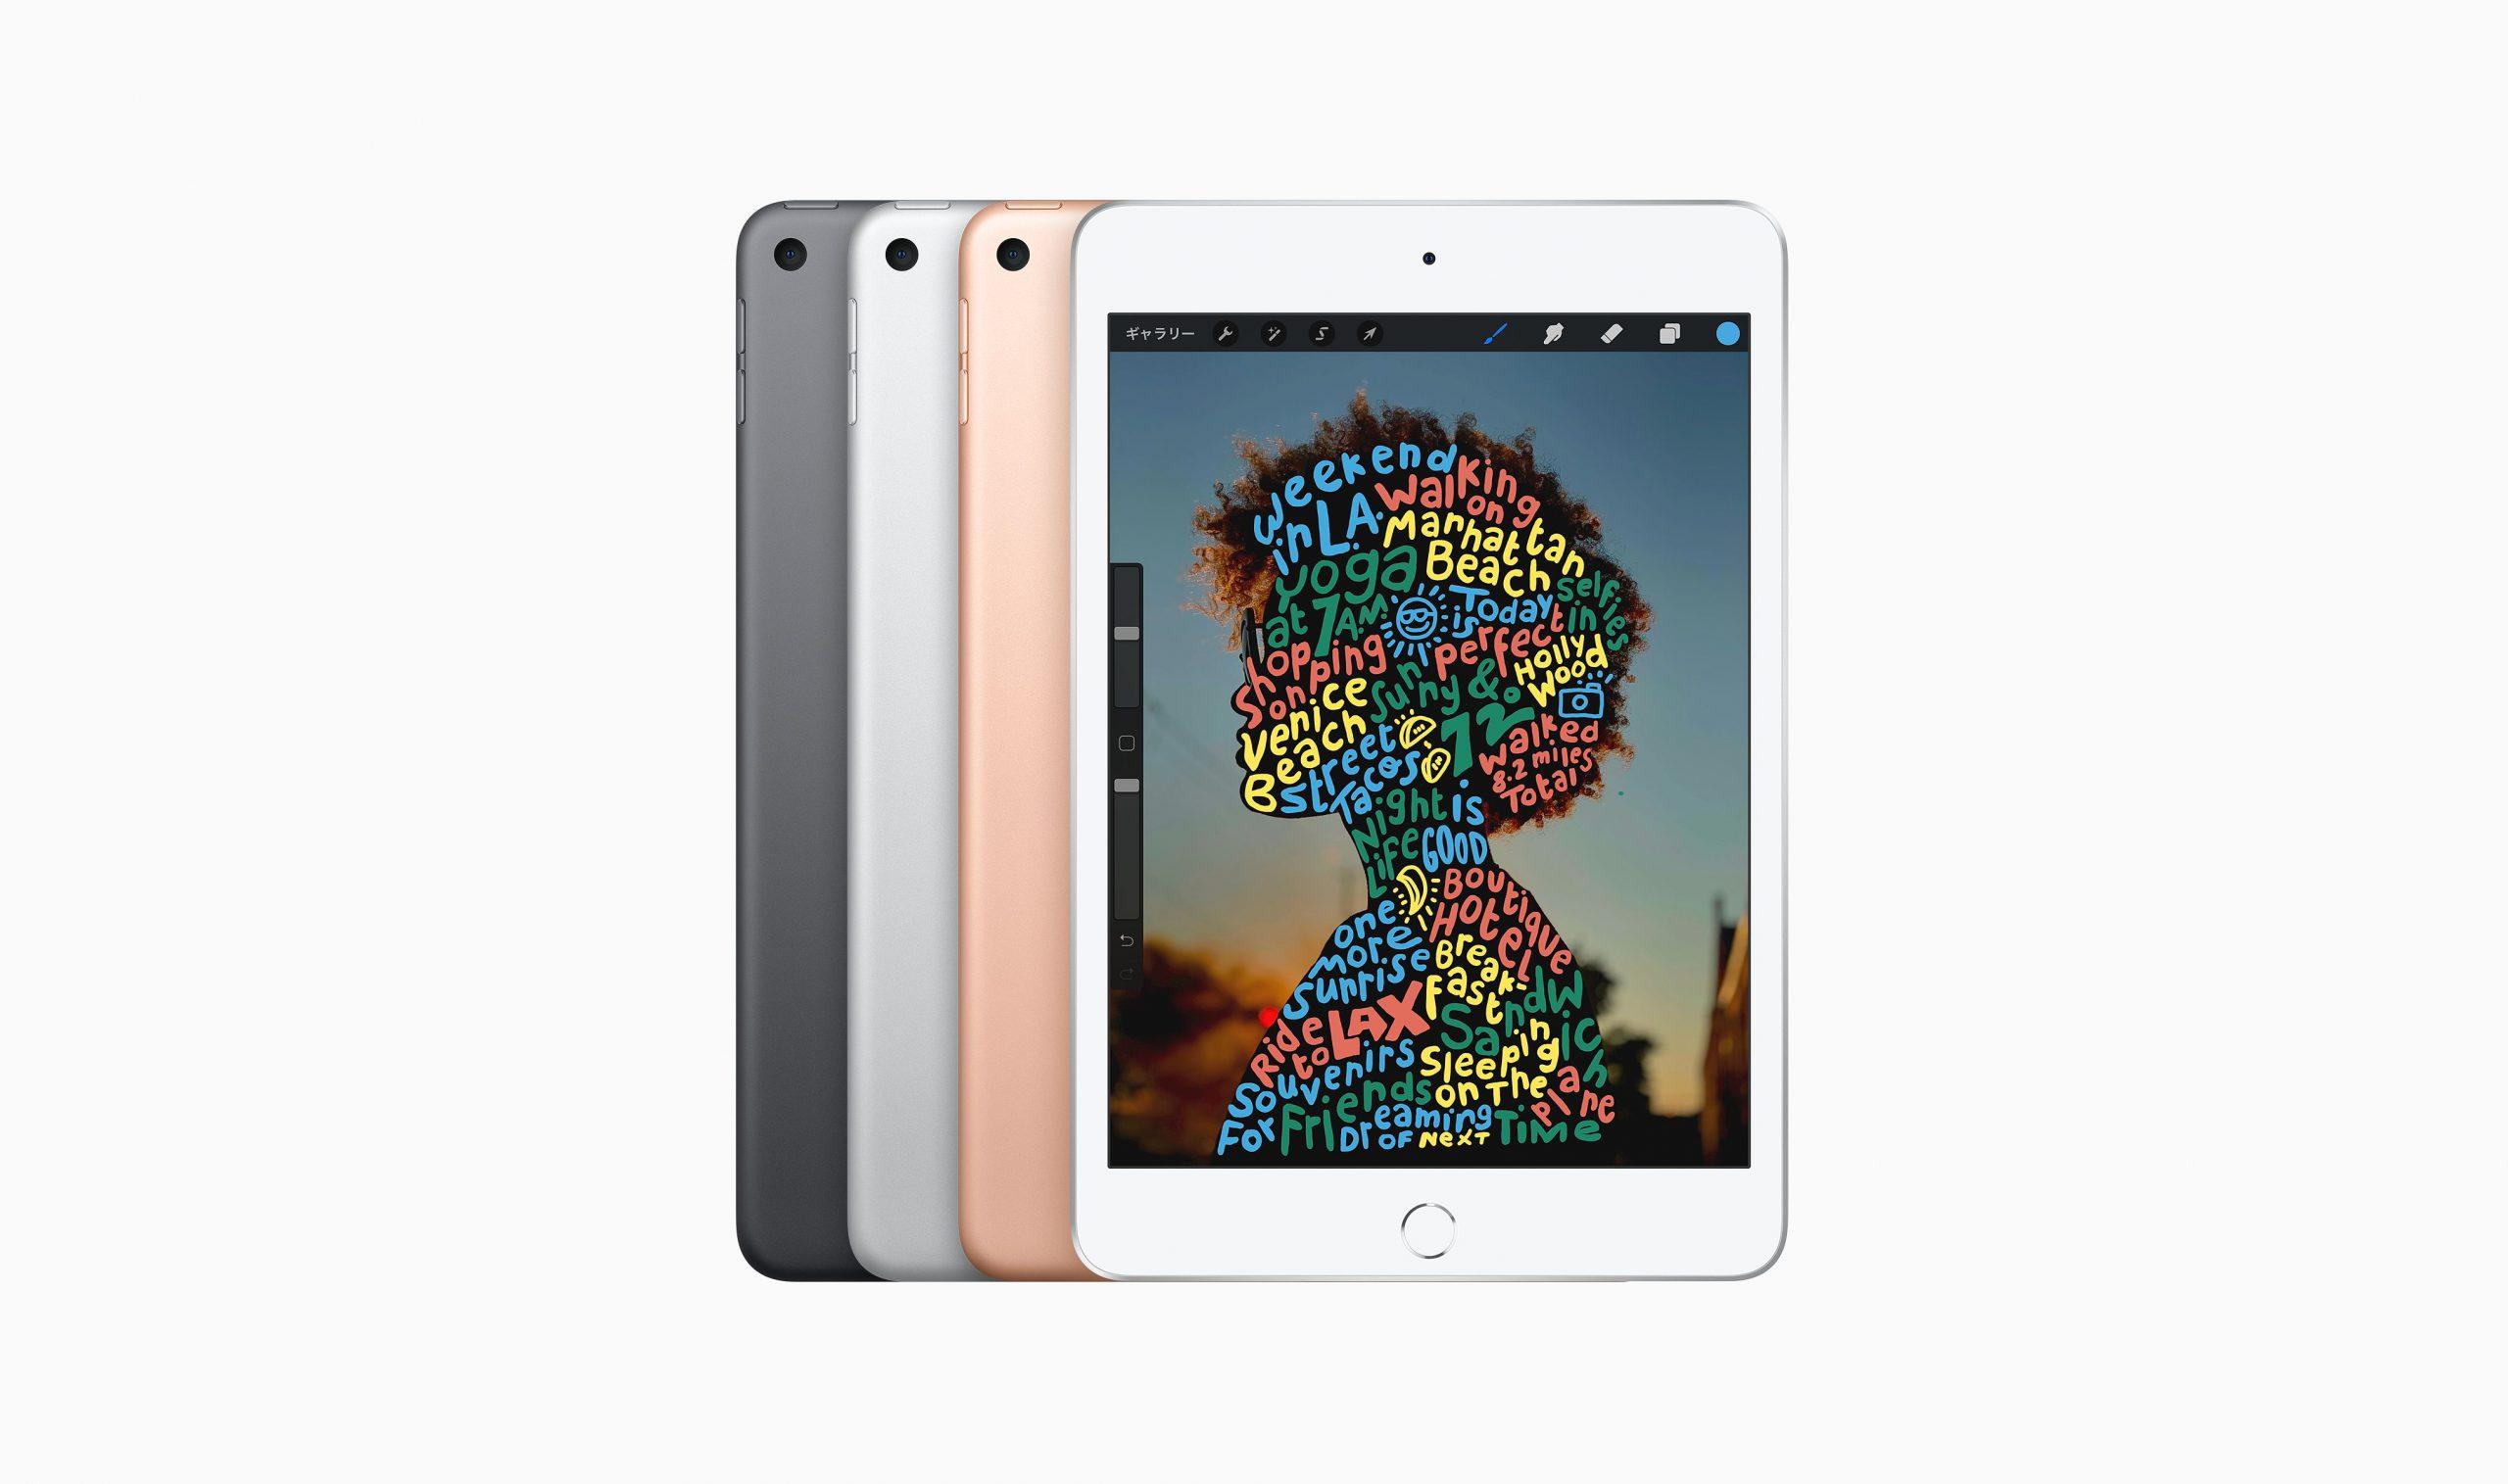 【第五世代】iPad mini5のスペックや特徴、買取価格まとめ【買取クイック】